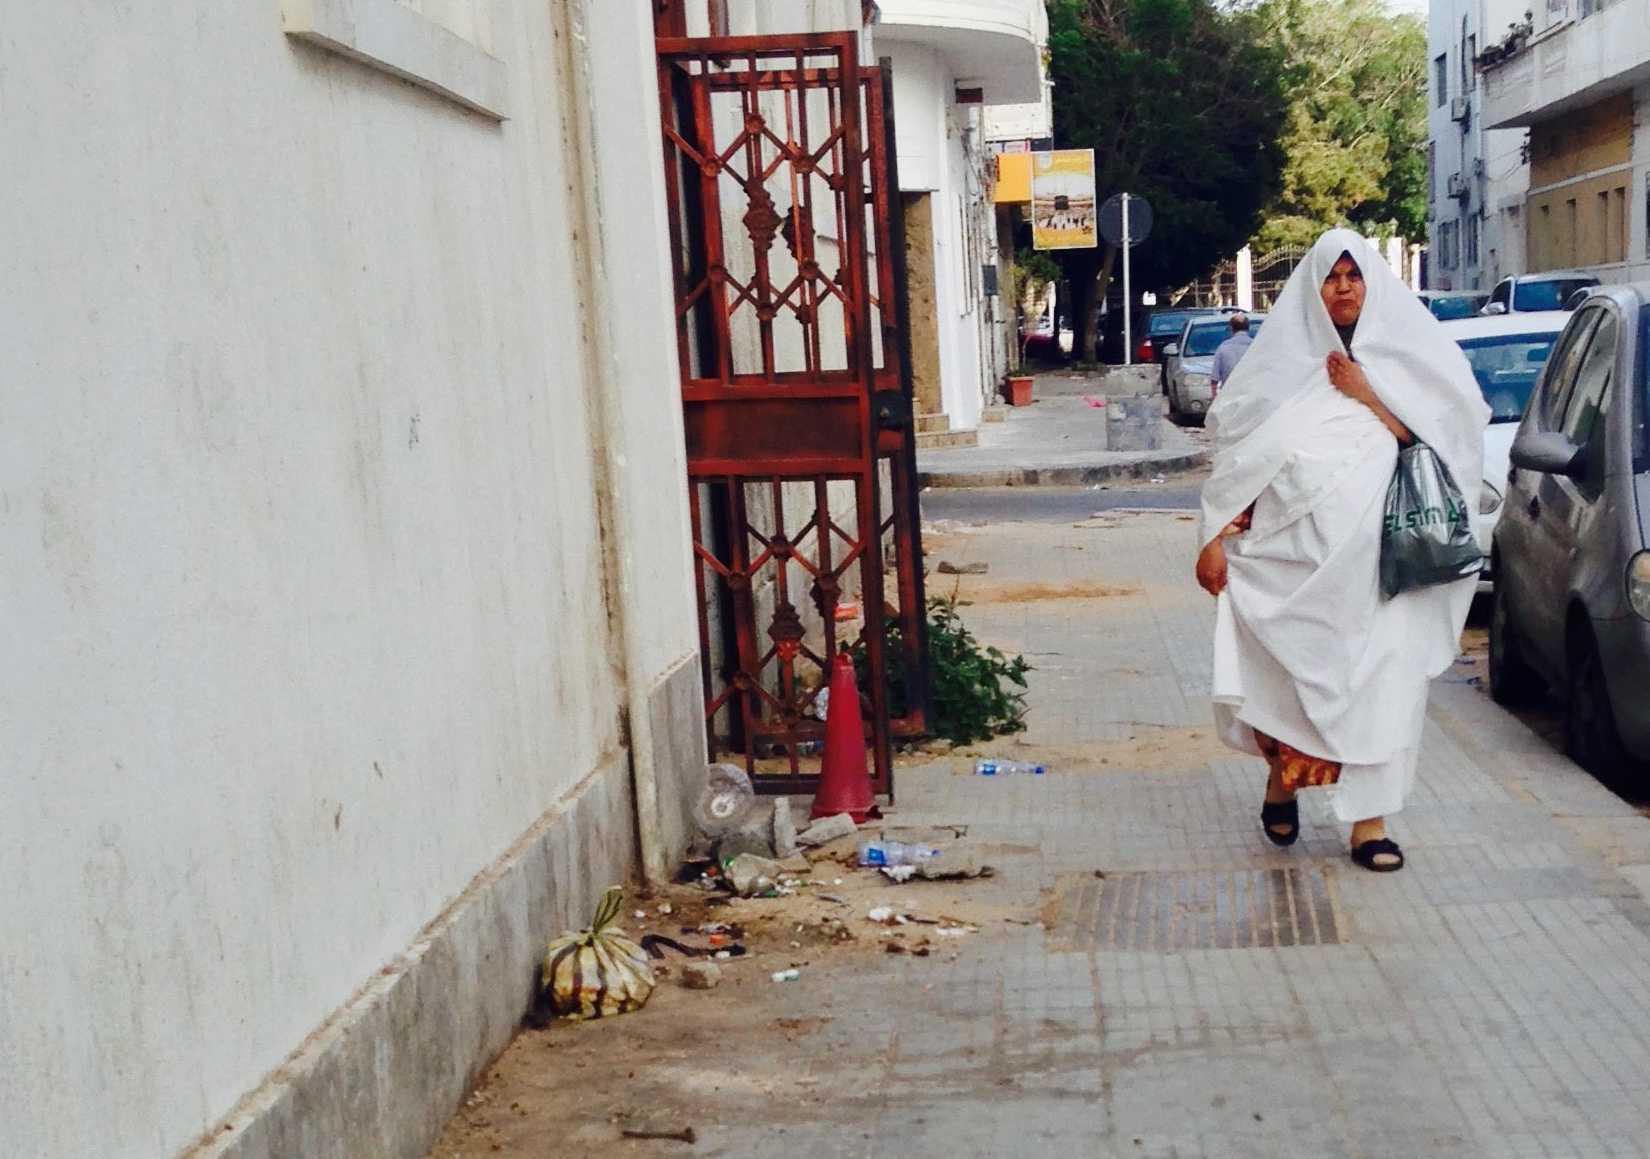 Cette semaine dans une ruelle du quartier de Dahra, à Tripoli. Image : F.A. / Intégrales Mag